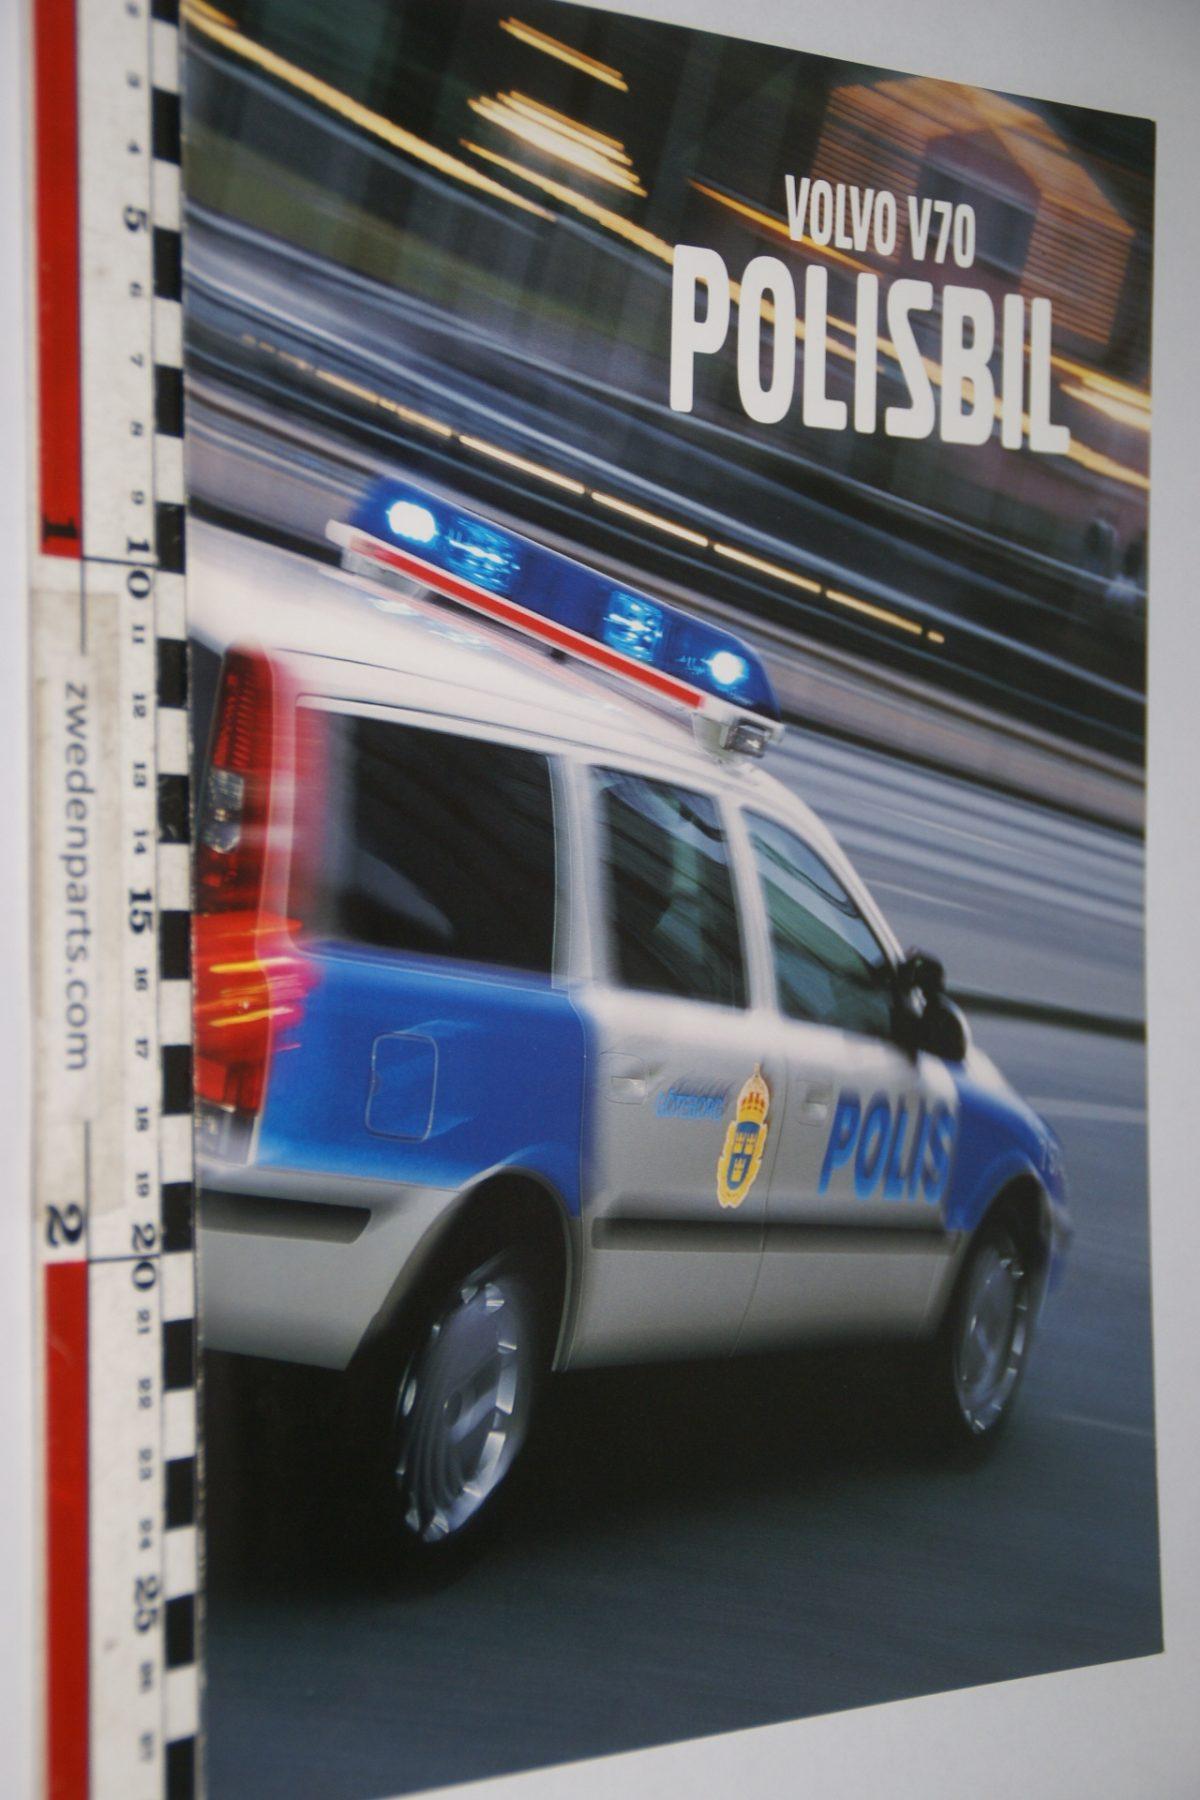 DSC06070 2002 brochure Volvo V70 Polisbil nr MSPV 1072-02